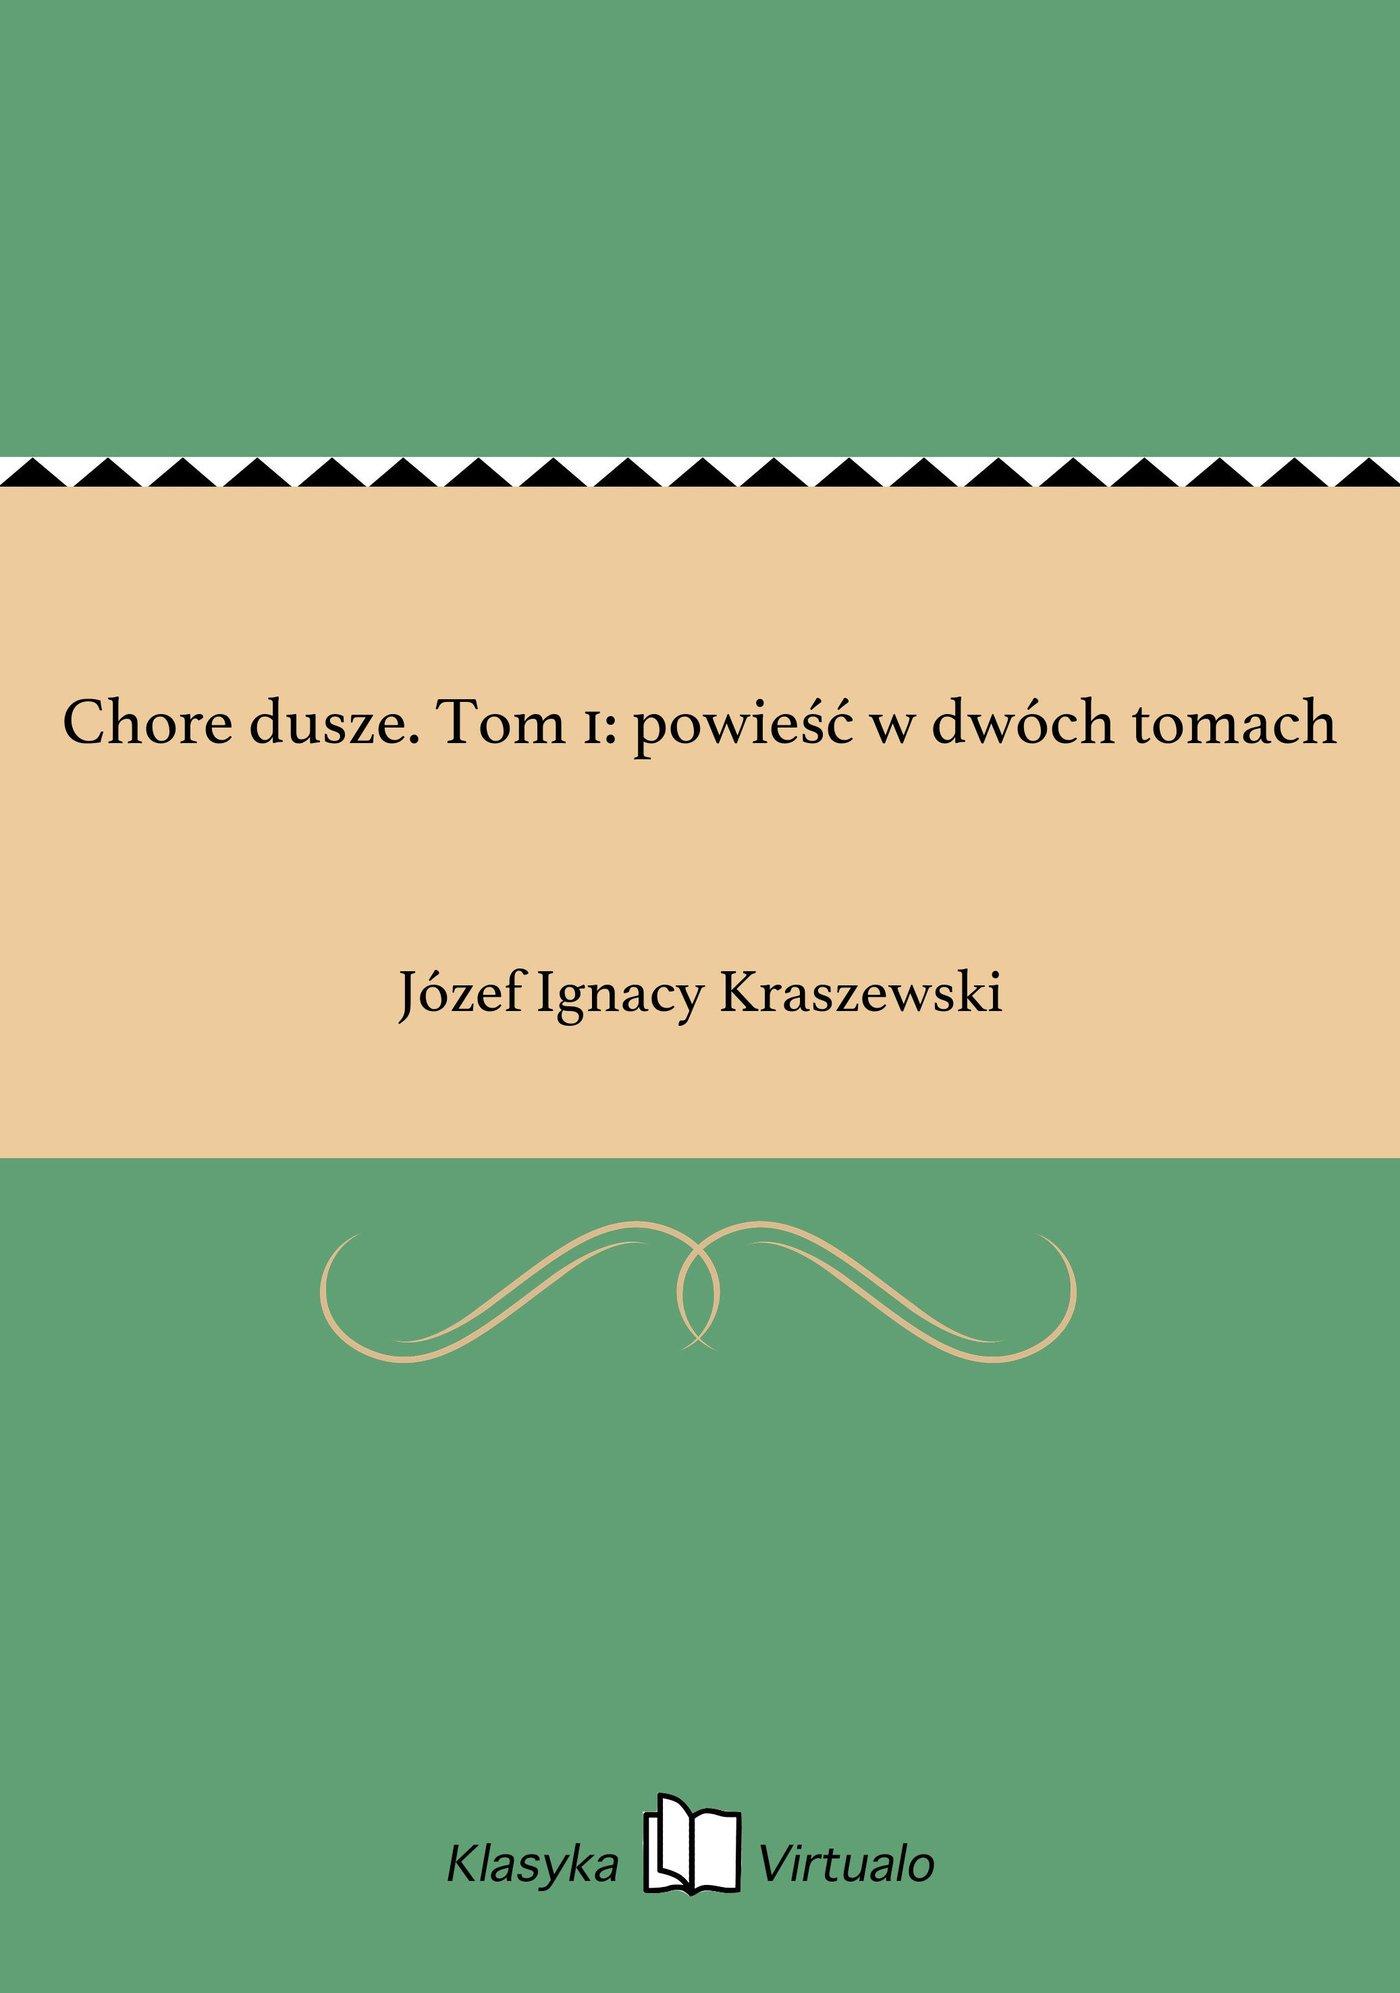 Chore dusze. Tom 1: powieść w dwóch tomach - Ebook (Książka EPUB) do pobrania w formacie EPUB